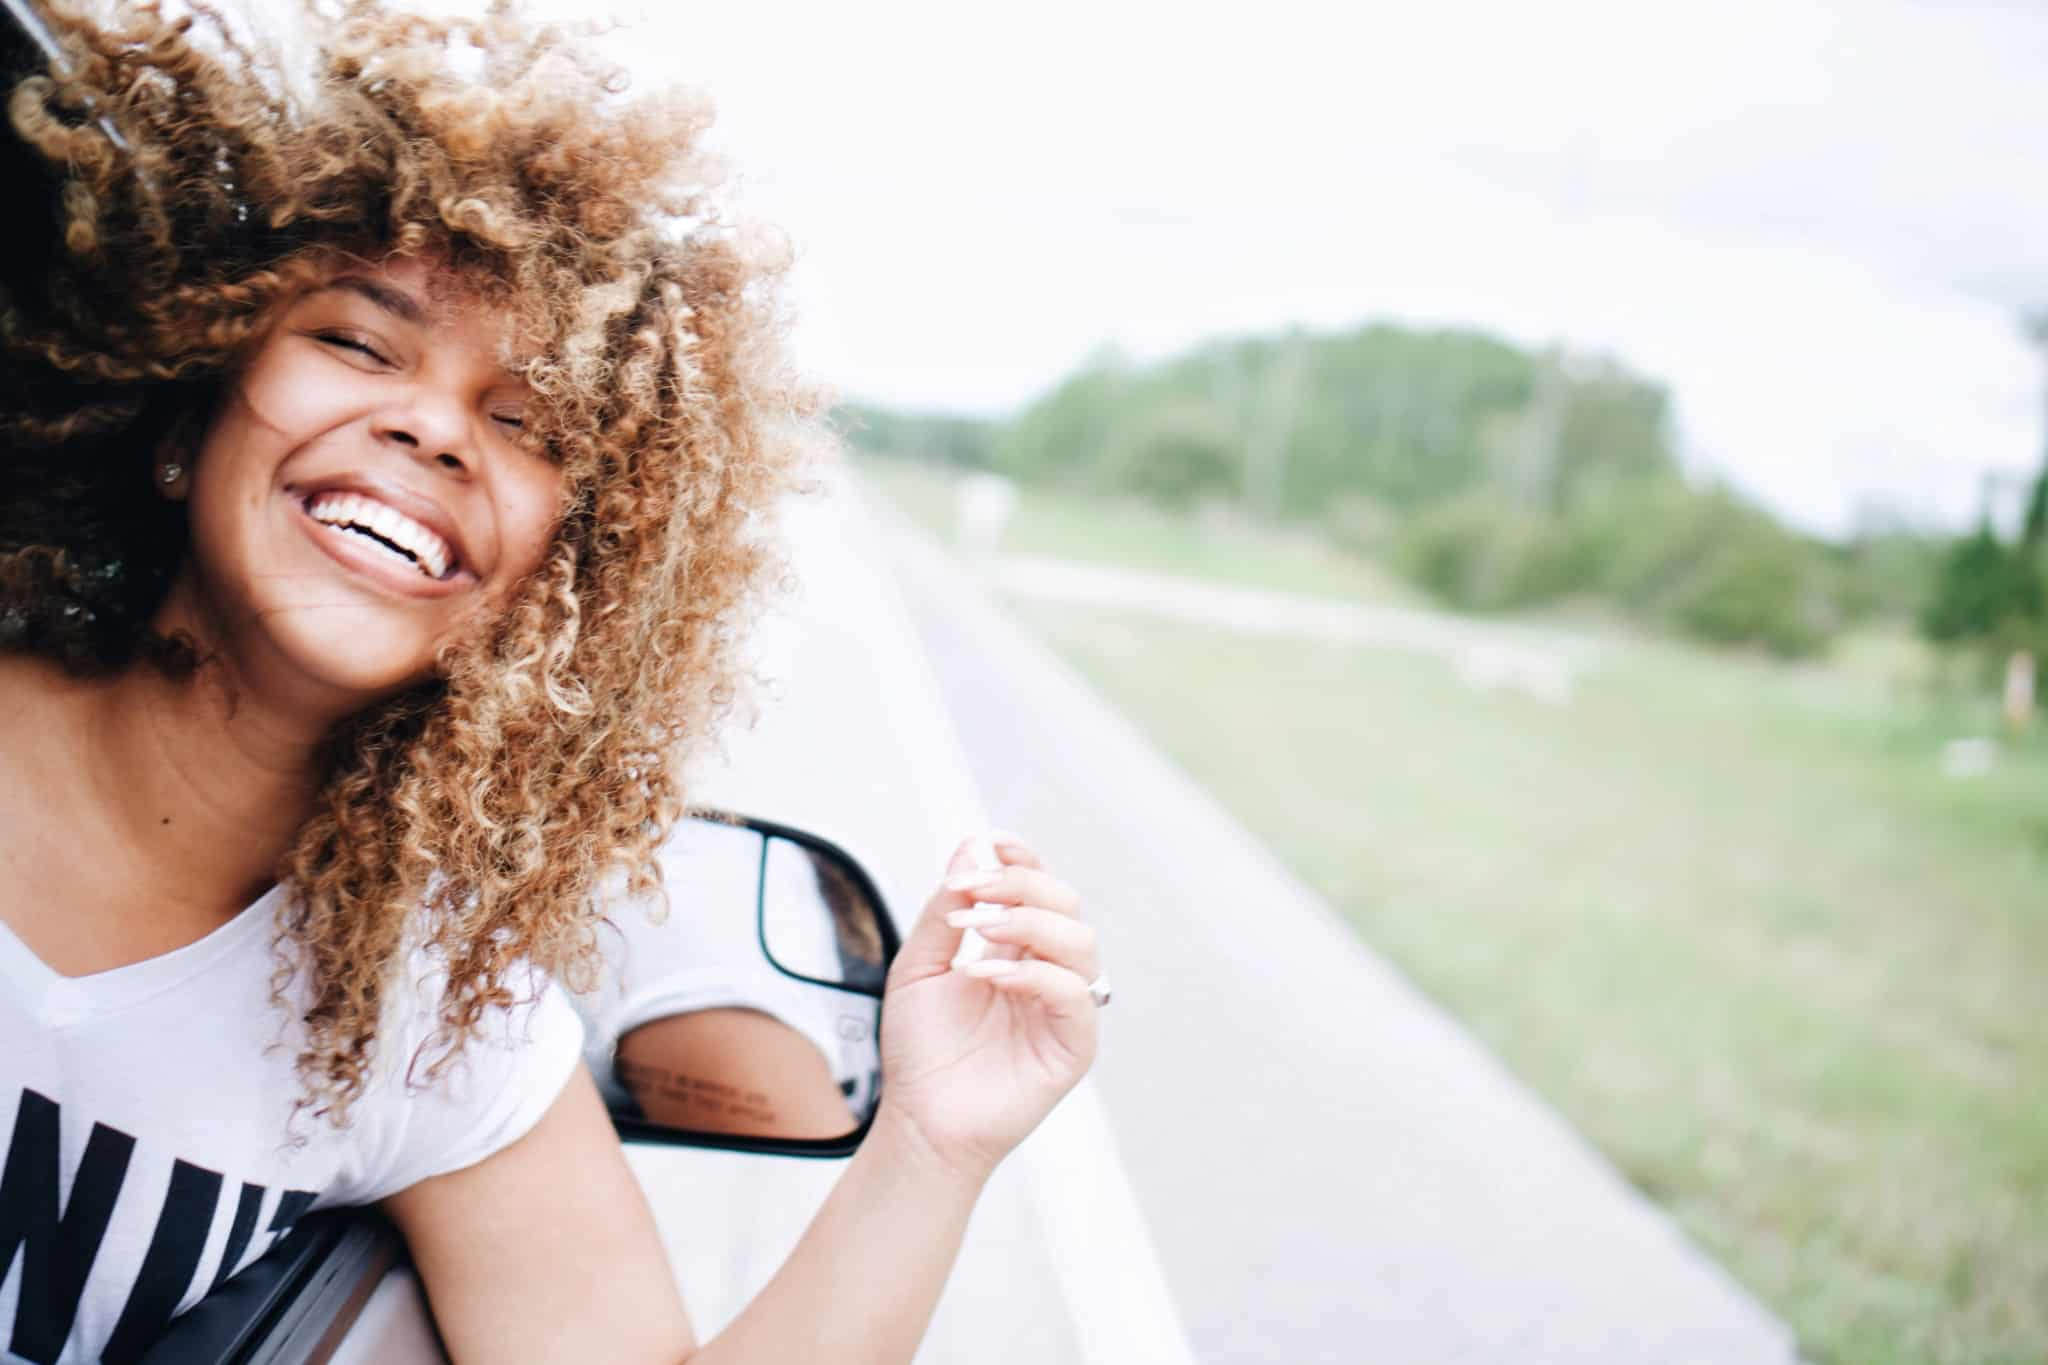 rapariga com cabelo ao vento na janela do carro